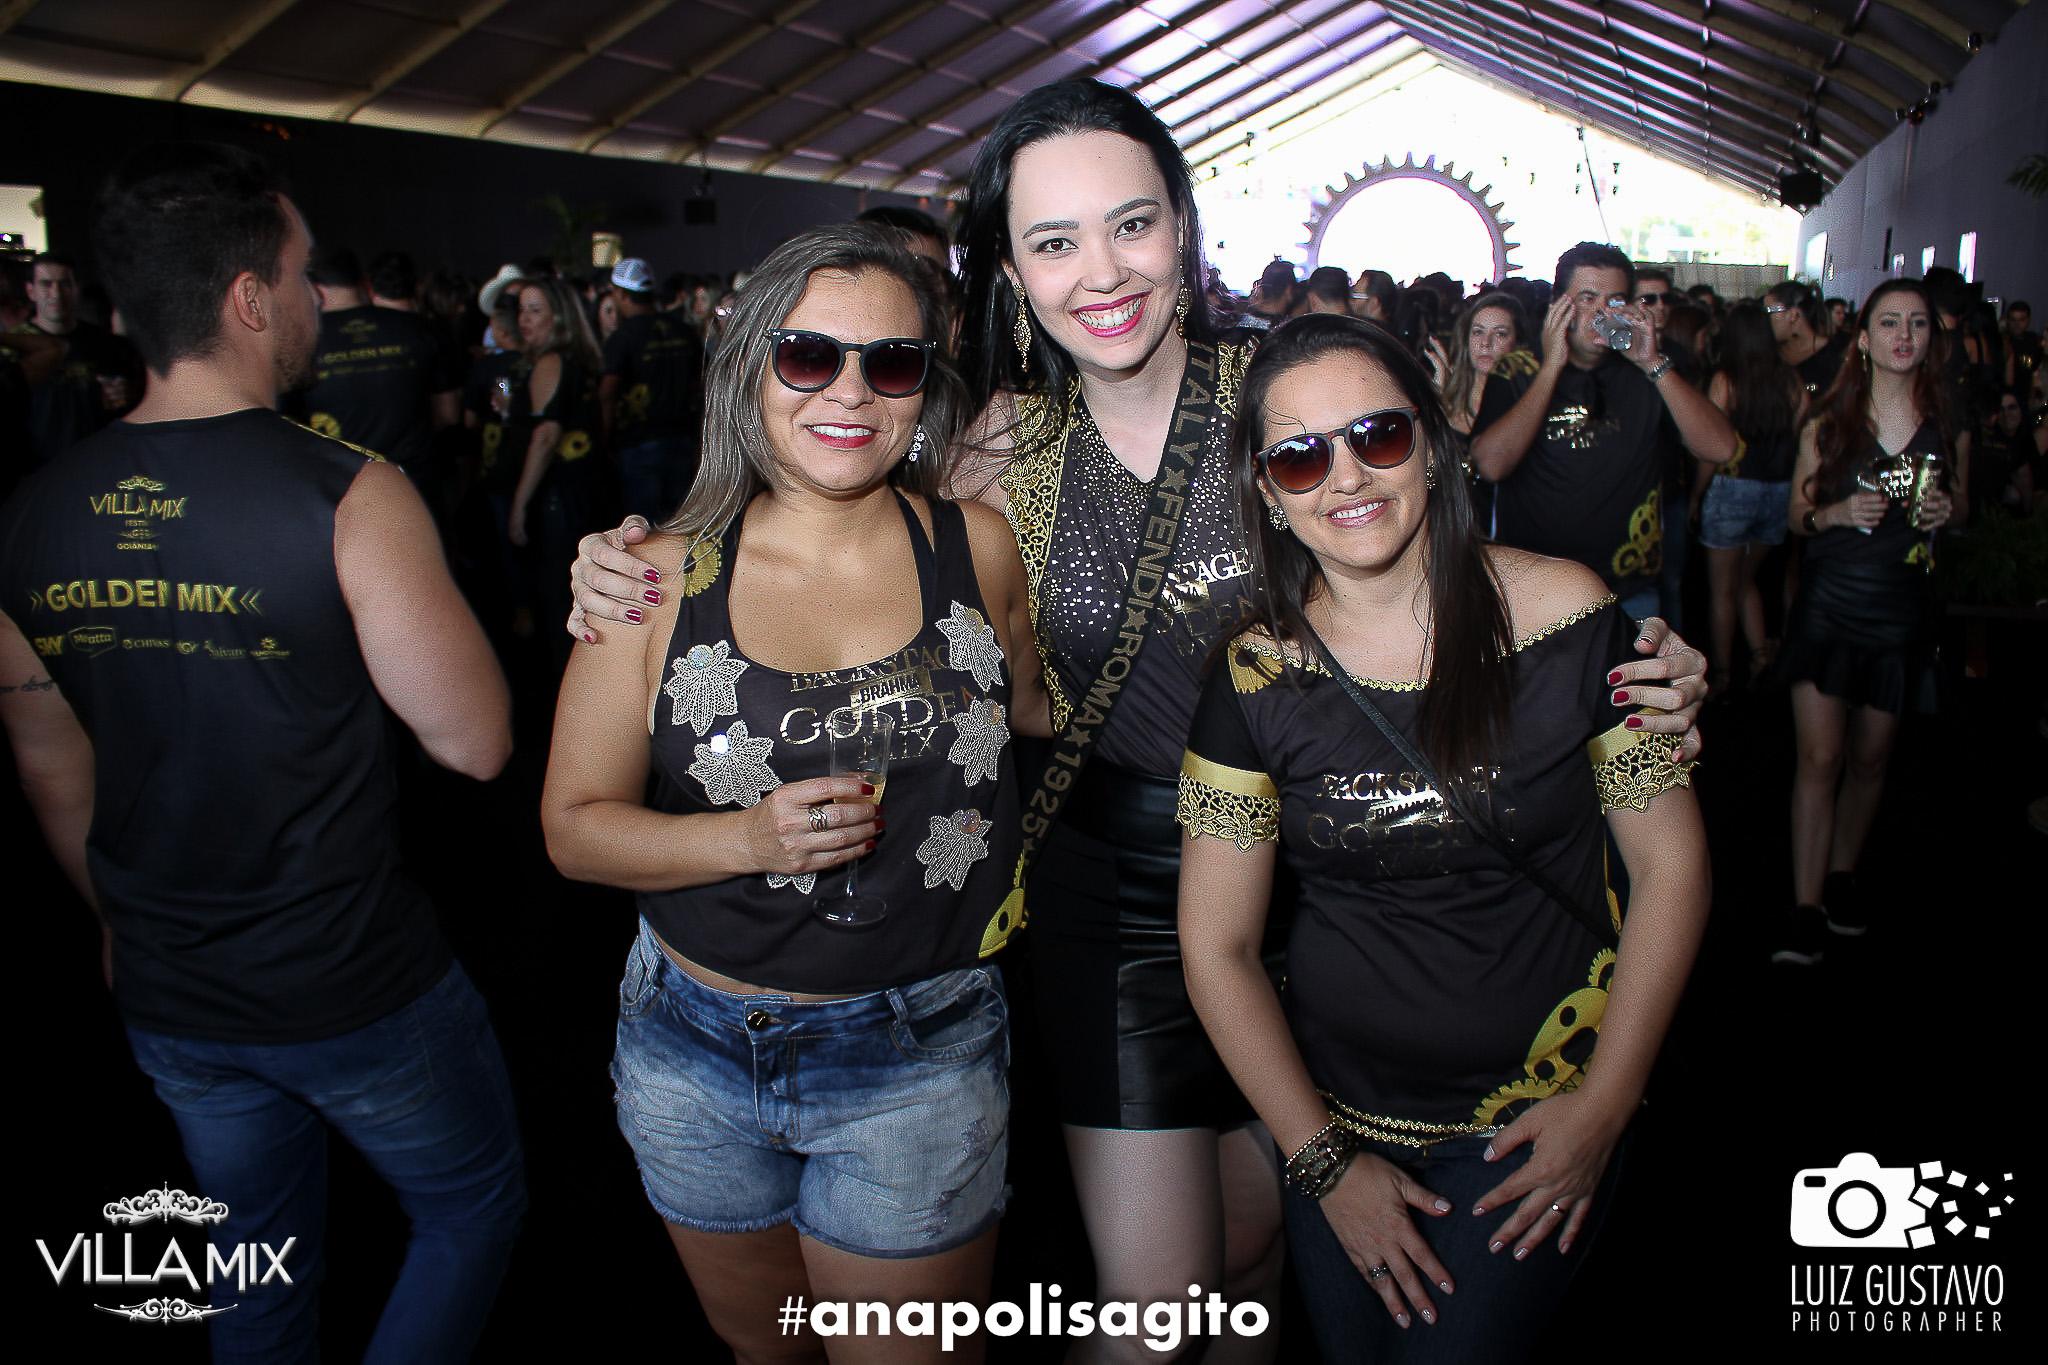 Luiz Gustavo Photographer (77 de 327)